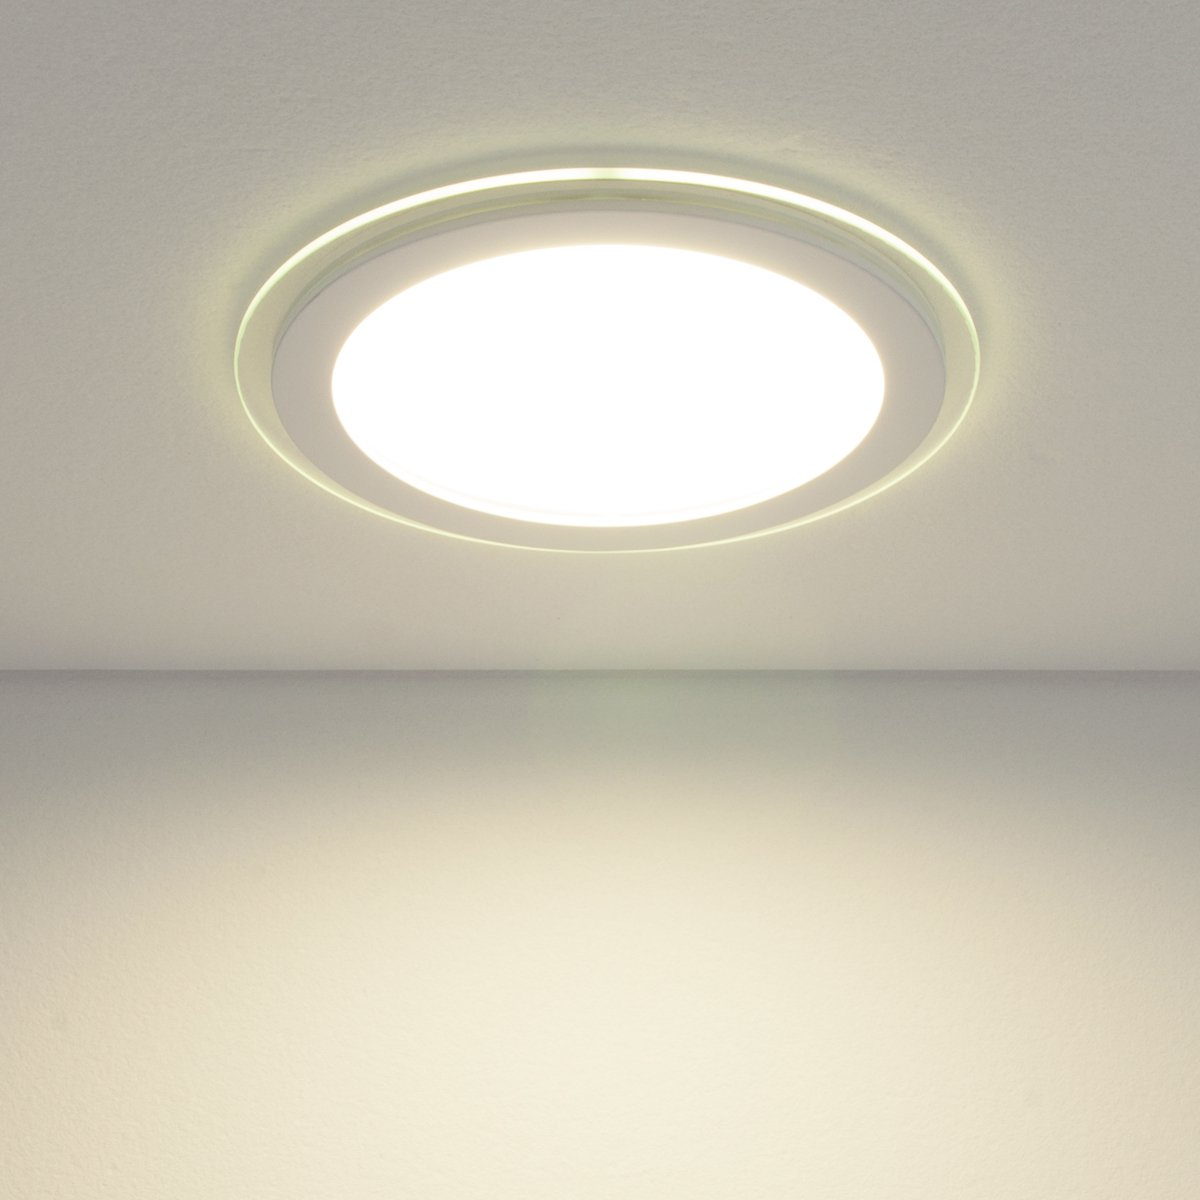 Фото Встраиваемый светильник Downlight a031836